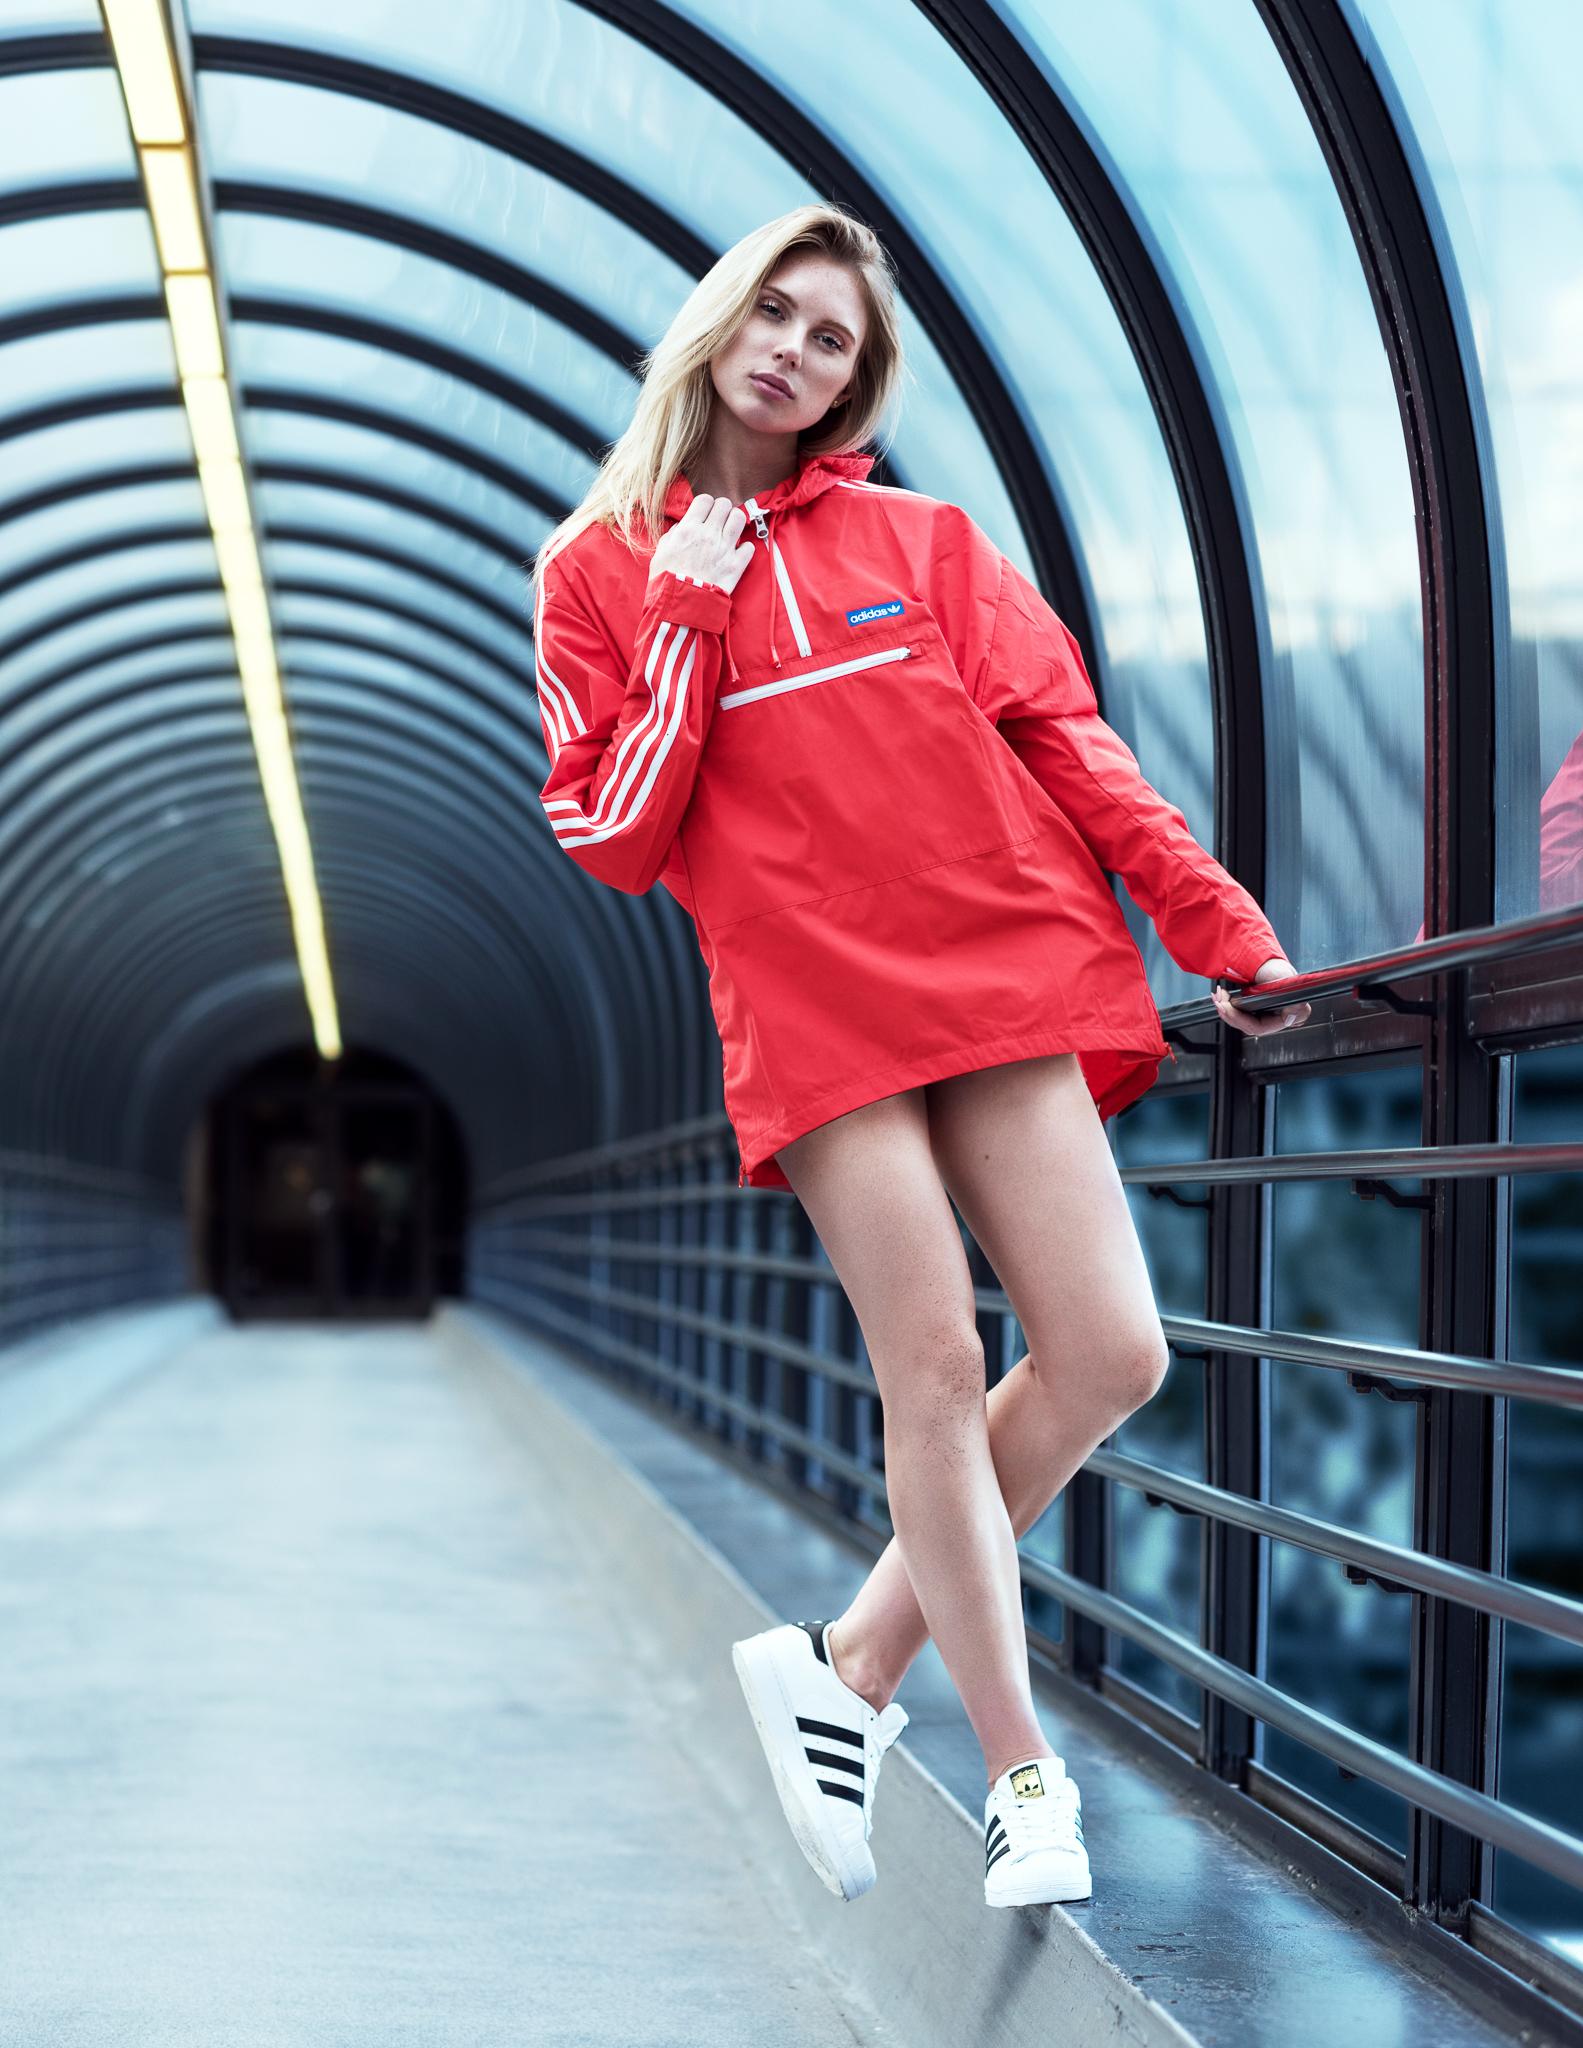 Meg Elizabeth - Nick Pecori - 4.jpg